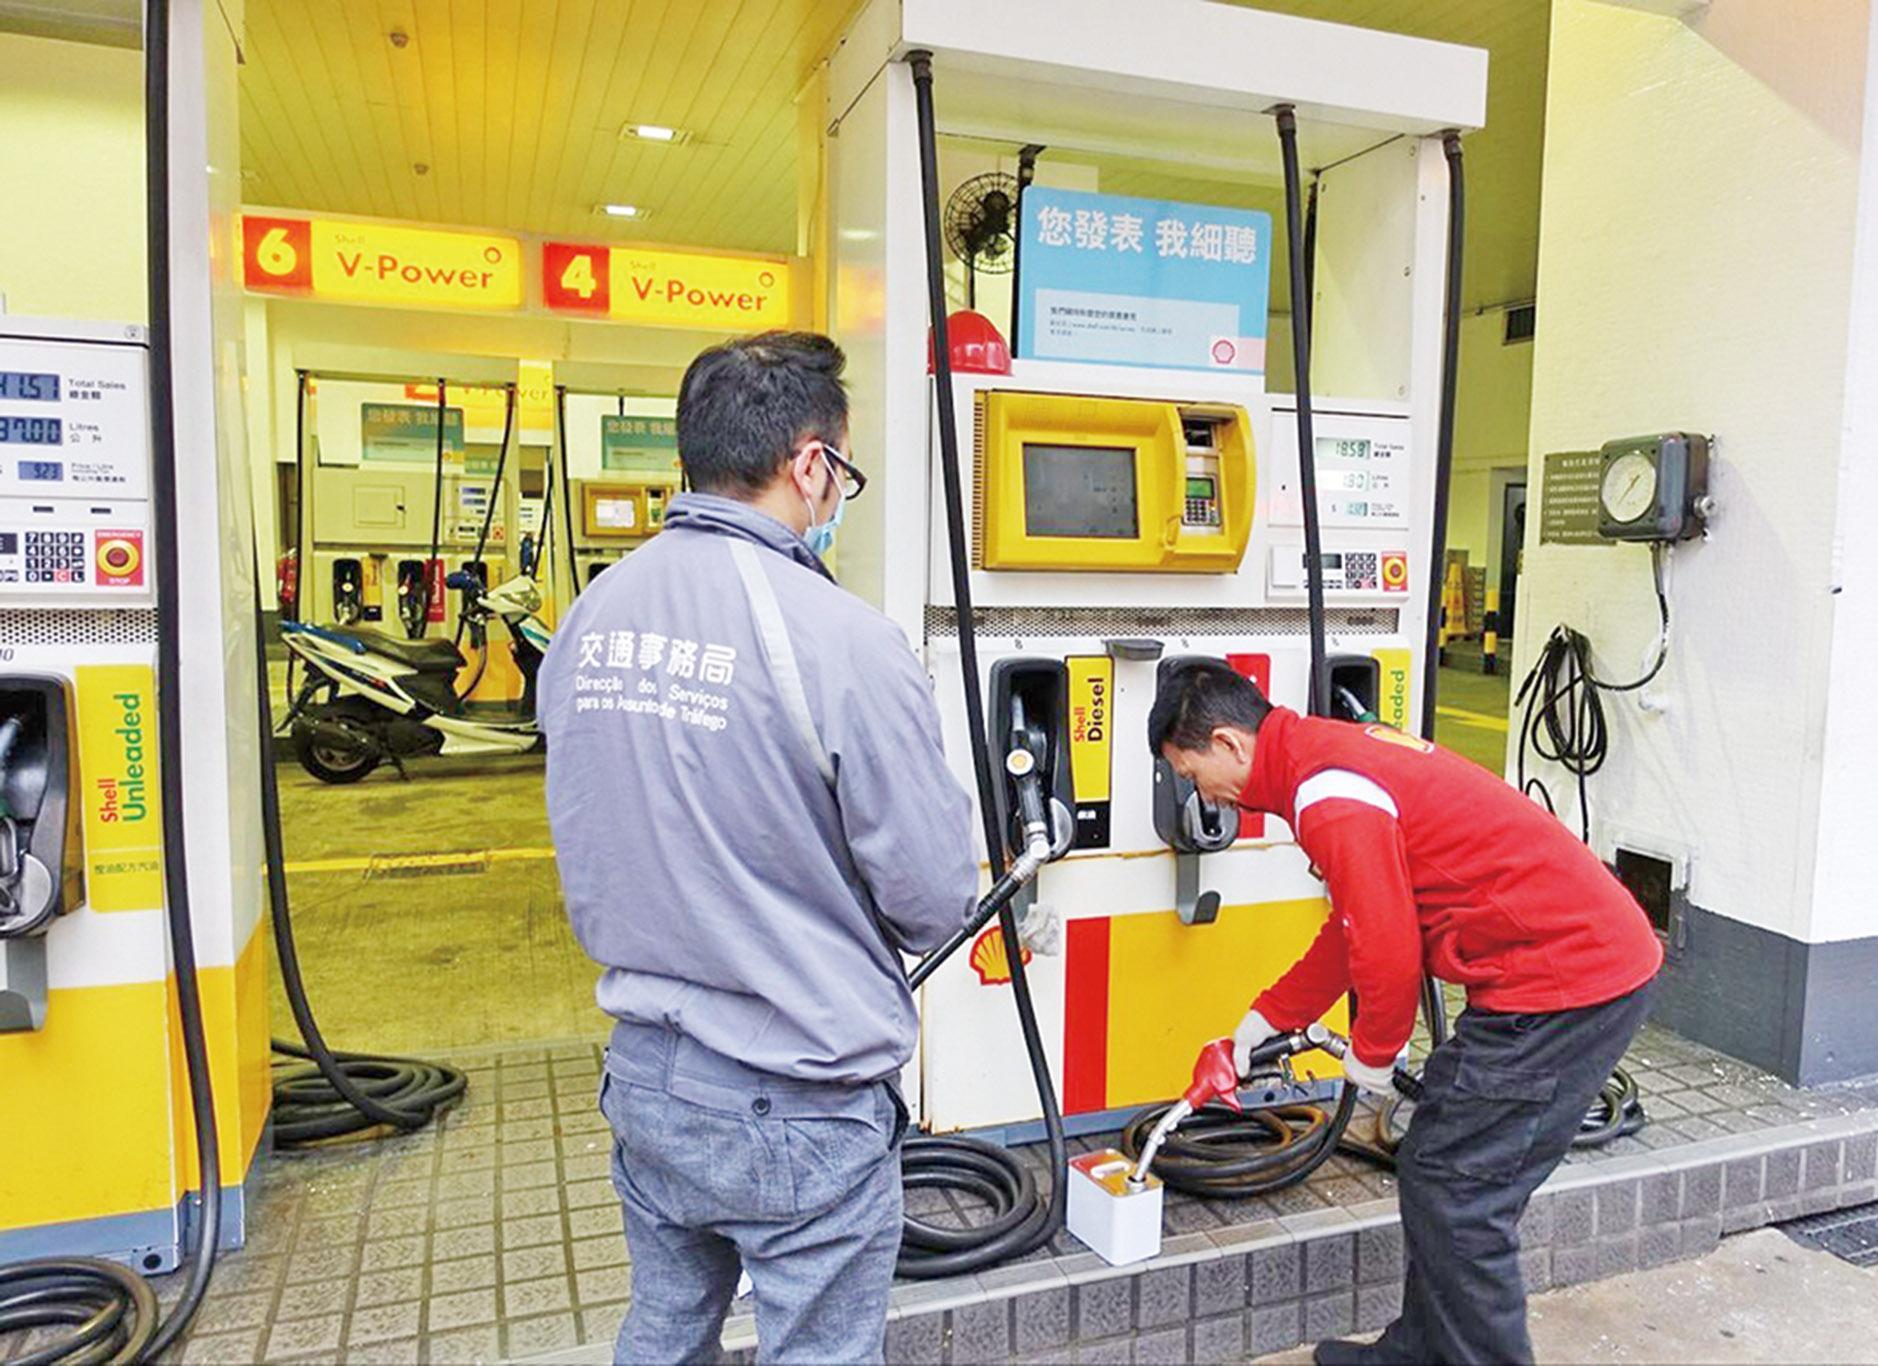 新標準下油品價格變動不大